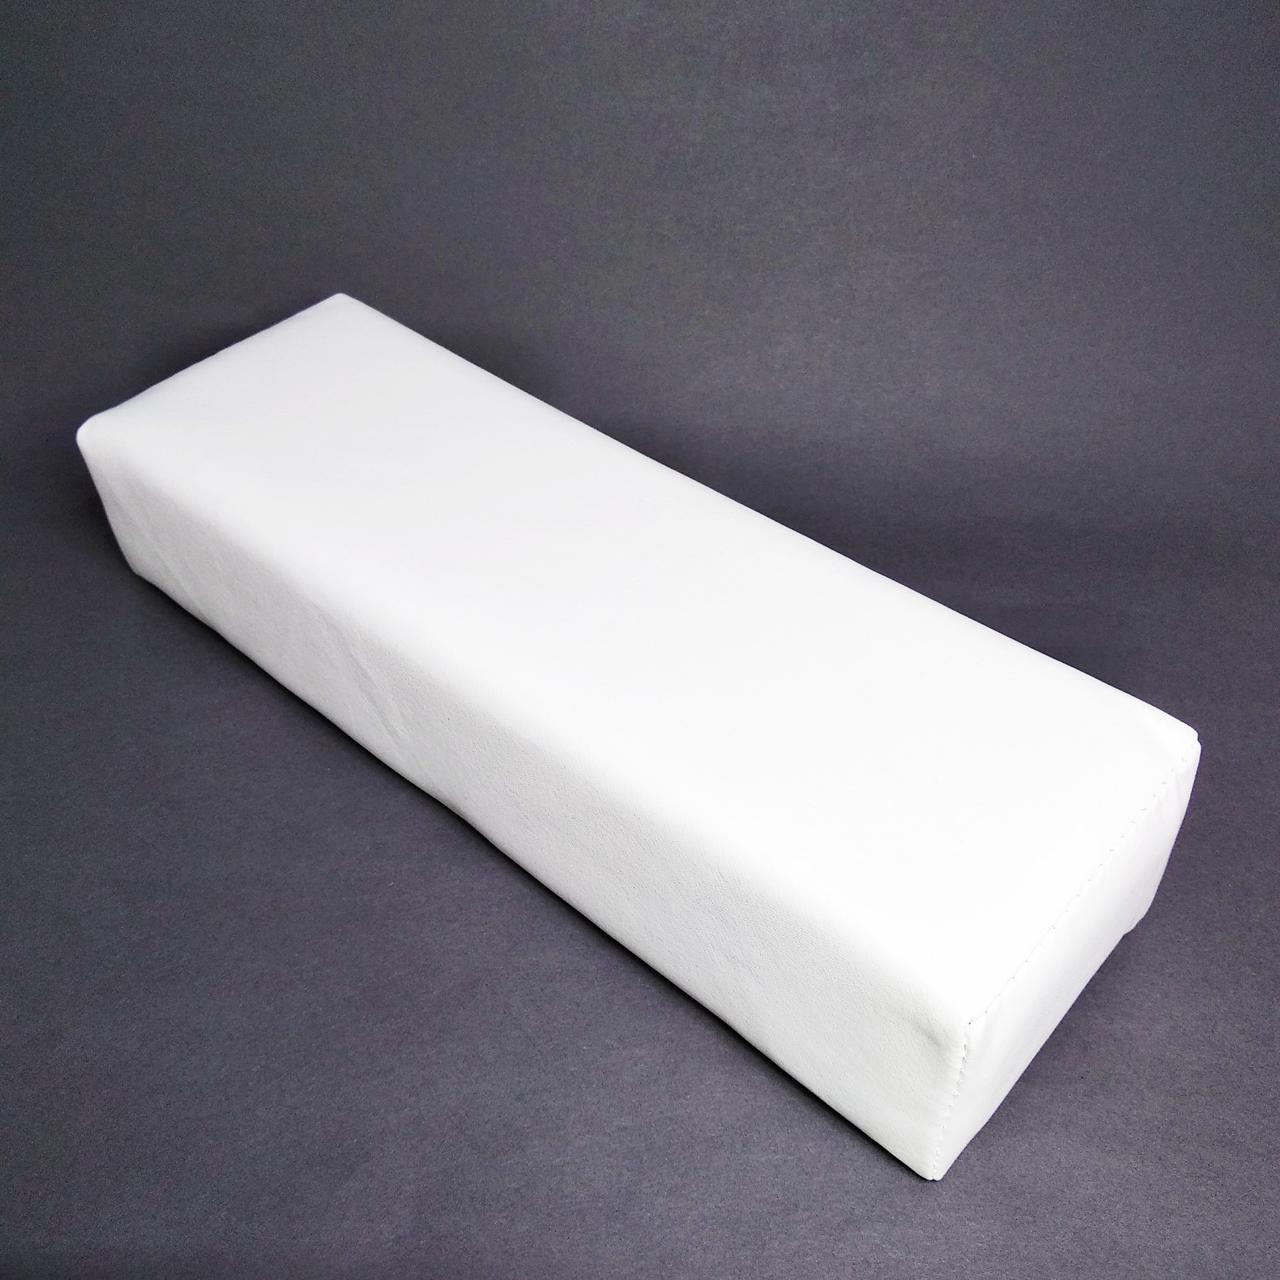 Подлокотник для маникюра, белый